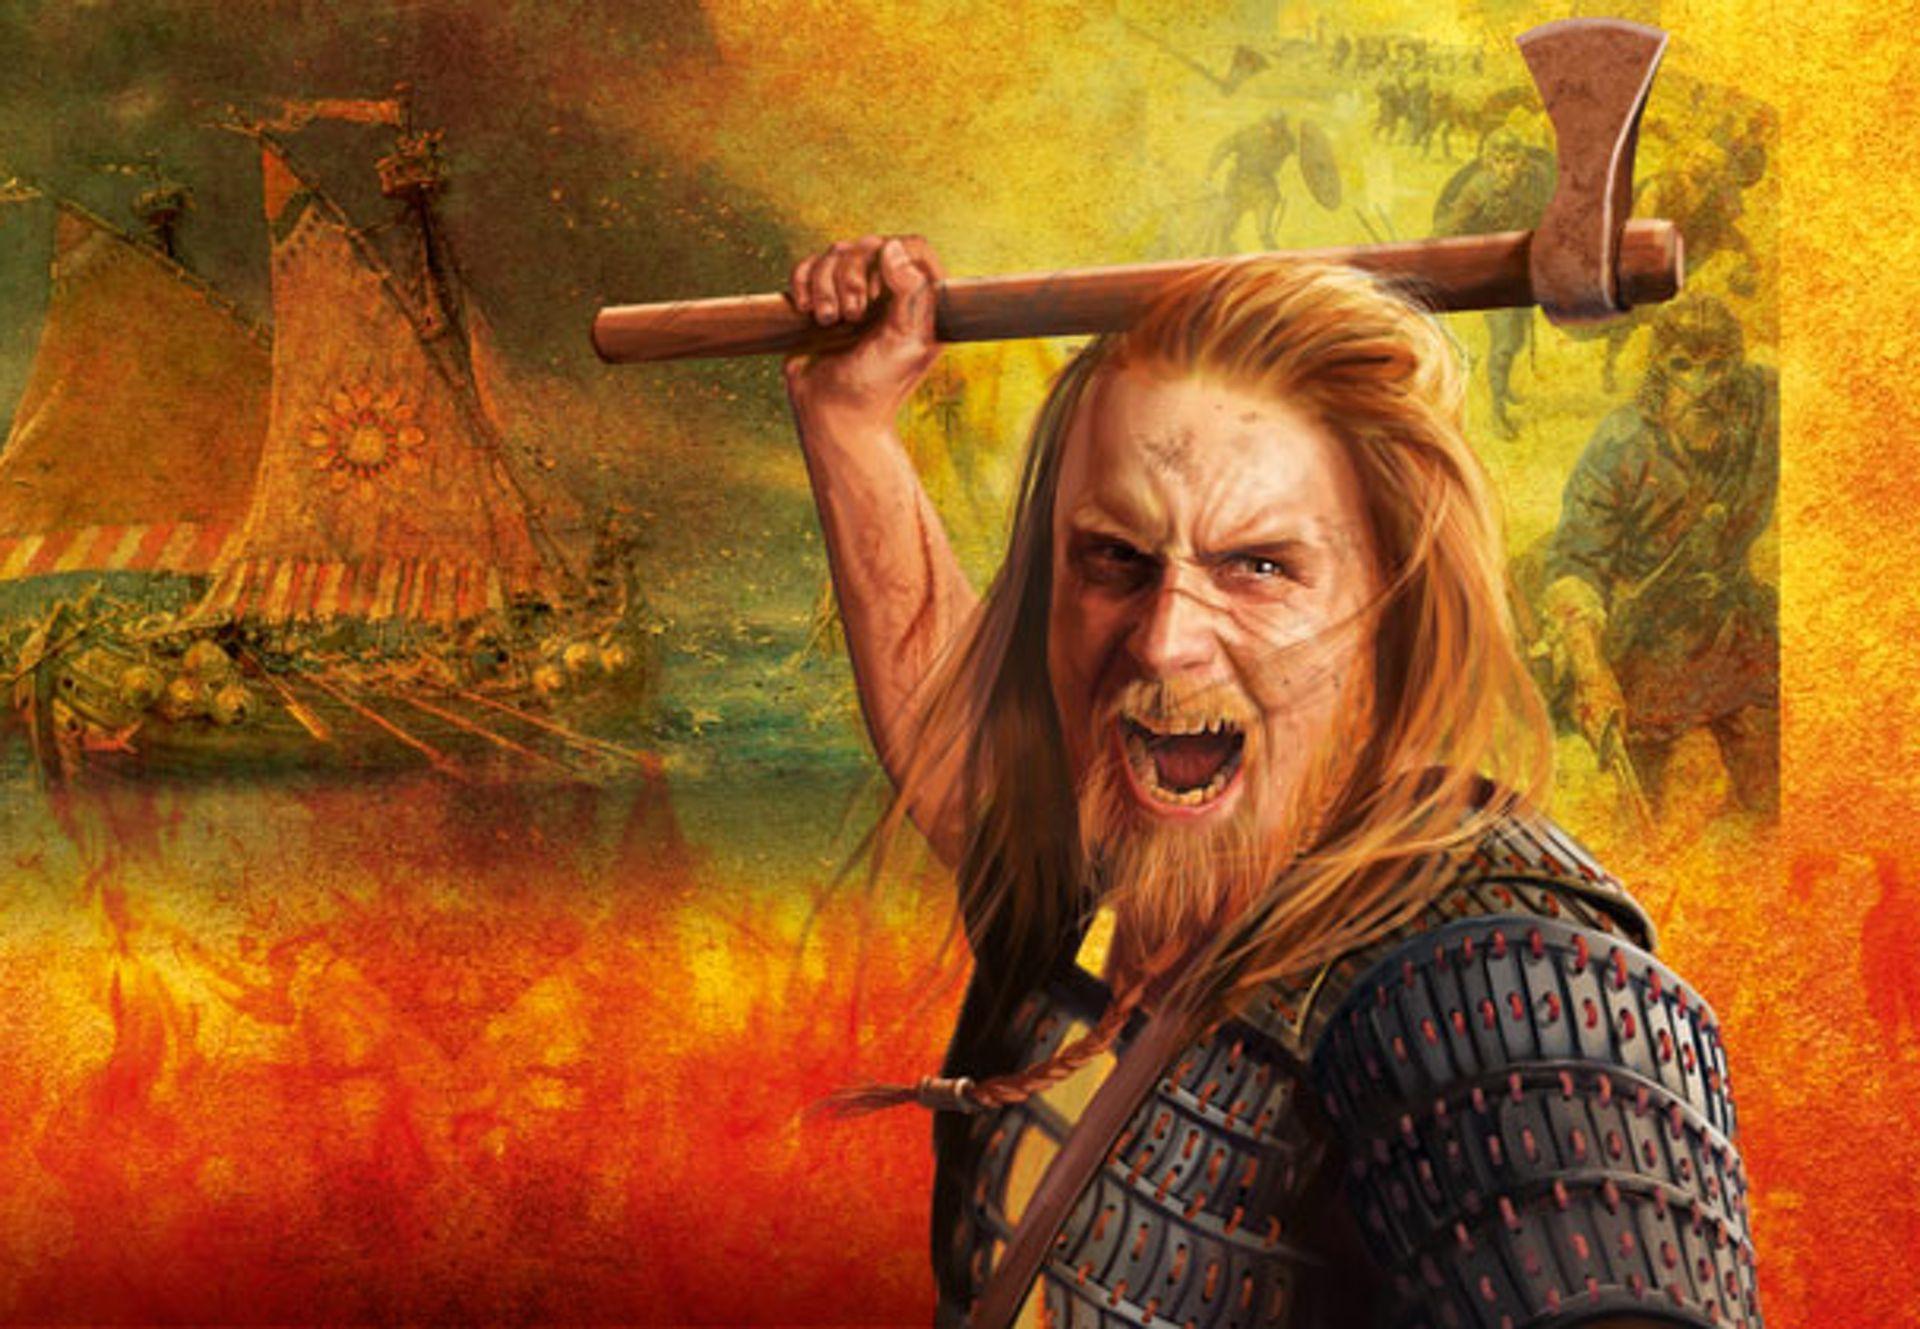 Viikingit kohtasivat vihollisensa taistelutantereella pelottomasti mutta osasivat myös käyttää viekkautta. Yhdistelmä teki heistä pelättyjä koko Euroopassa.